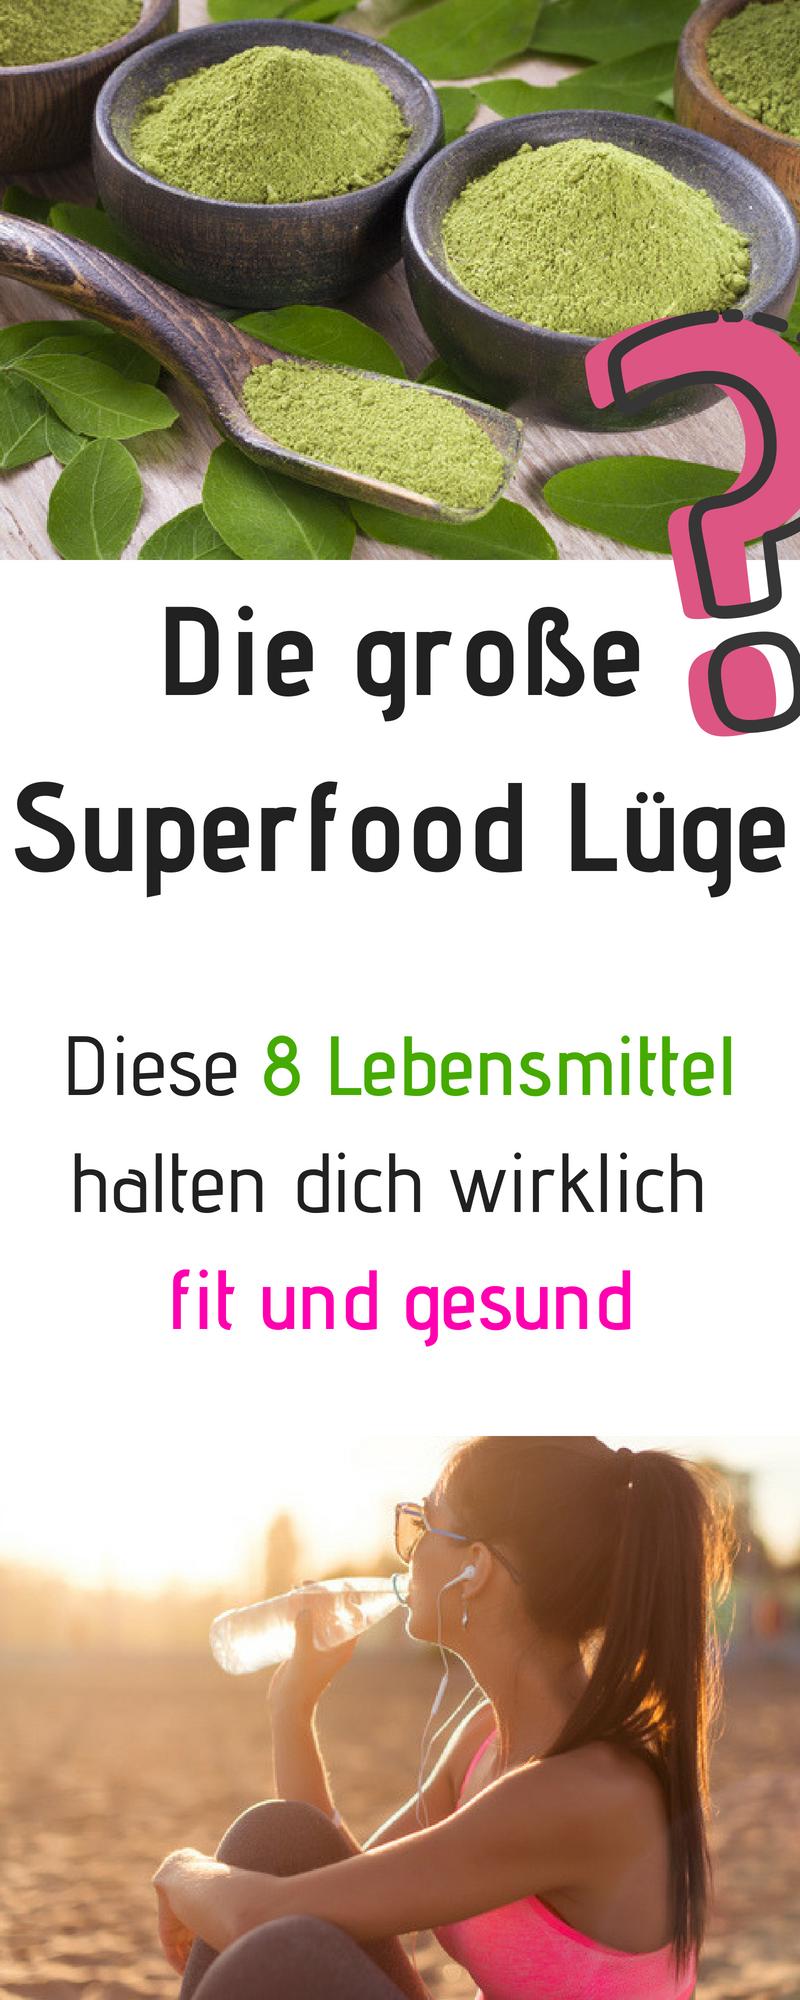 Spirulina Algen für Gewichtsverlust Dosierung Schriftart